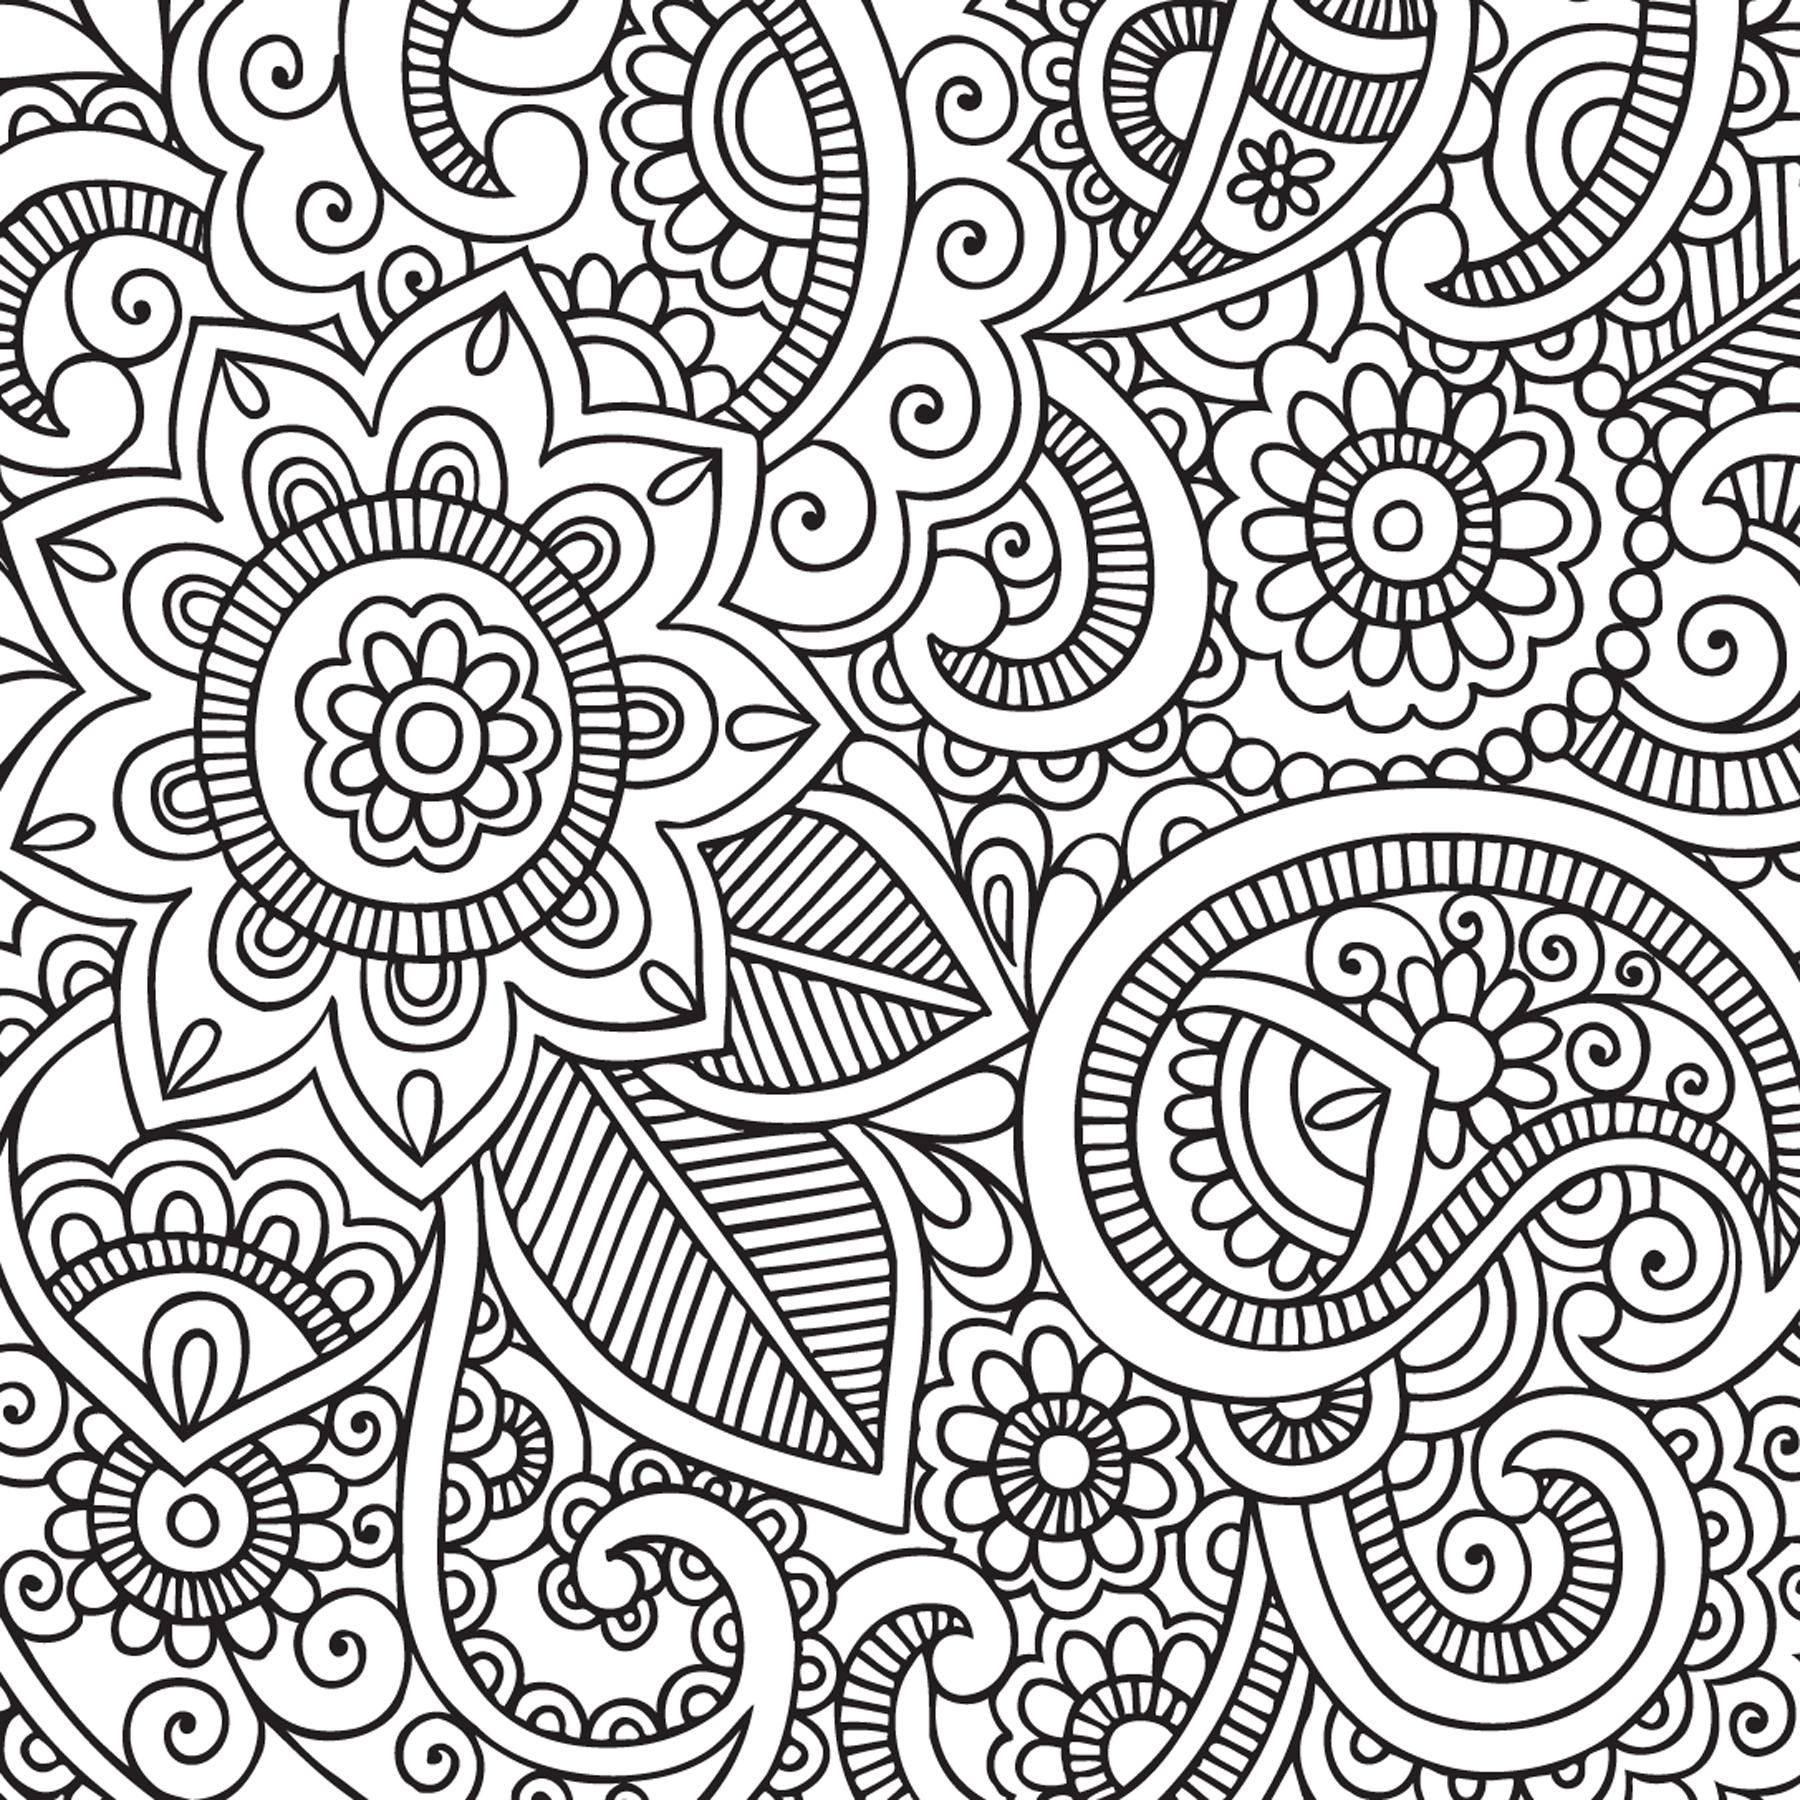 Pin de Damon Andujar en Coloring Book Designs | Pinterest ...